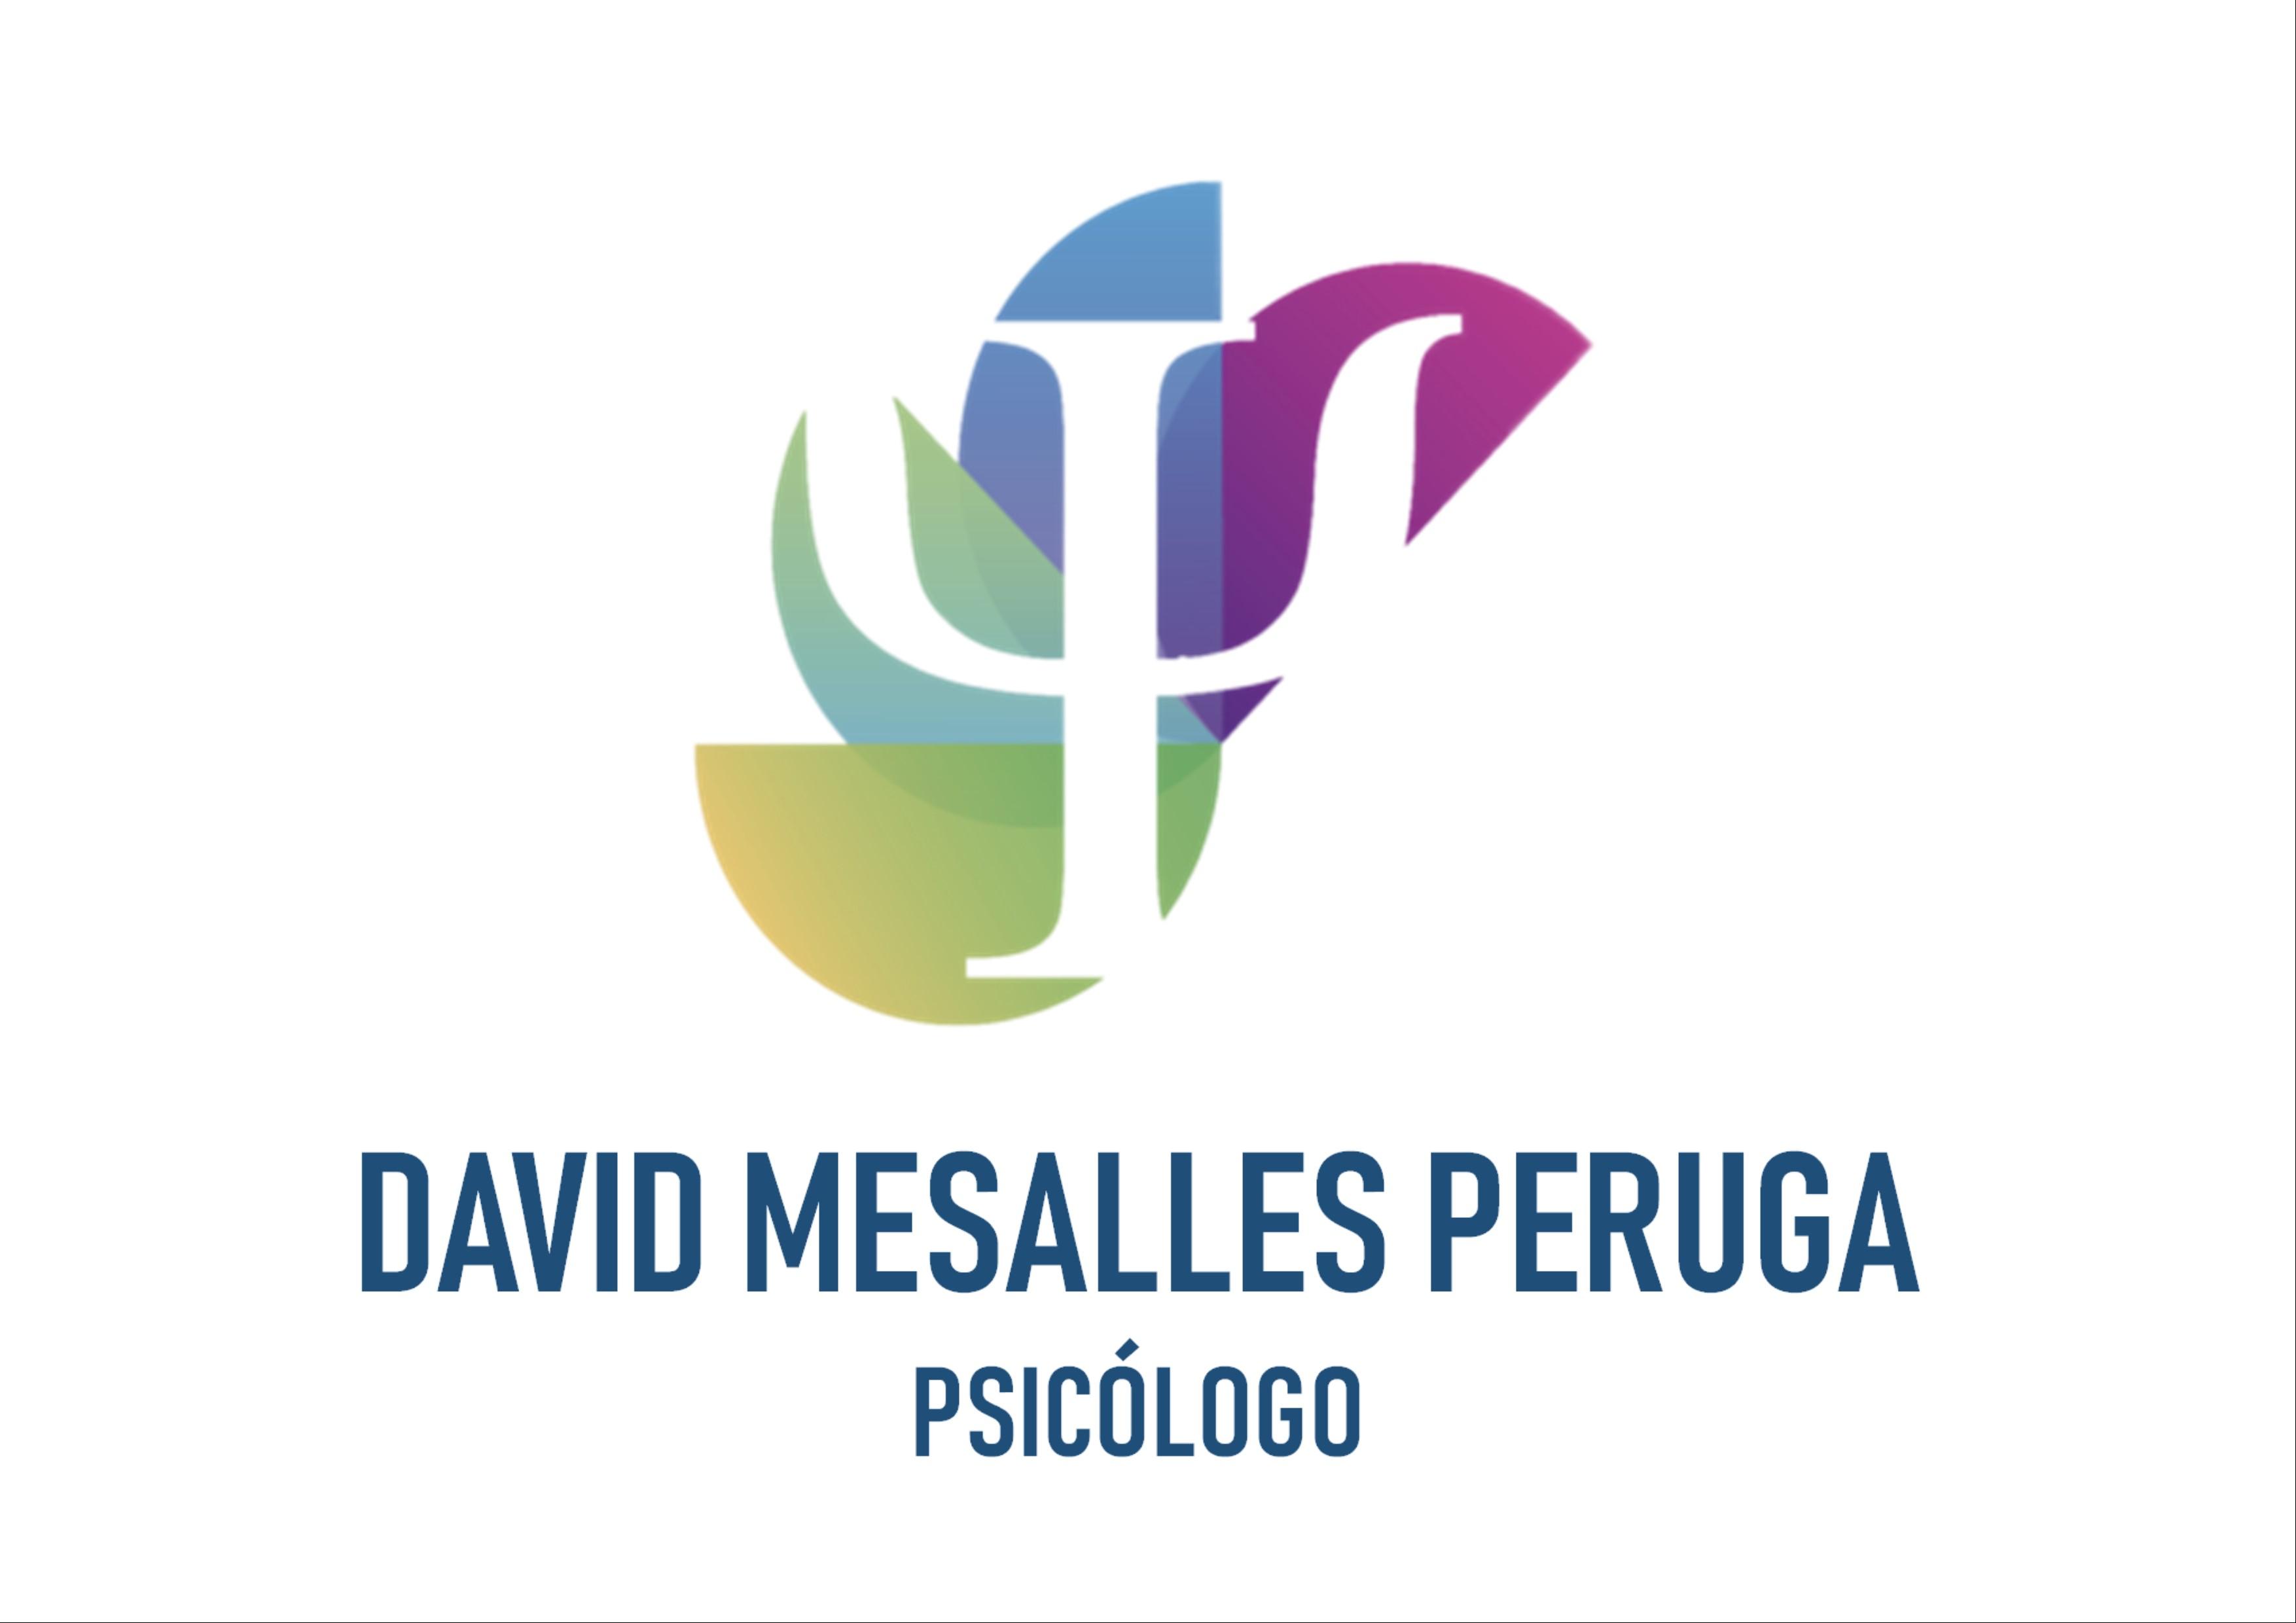 David Mesalles Psicólogo Huesca